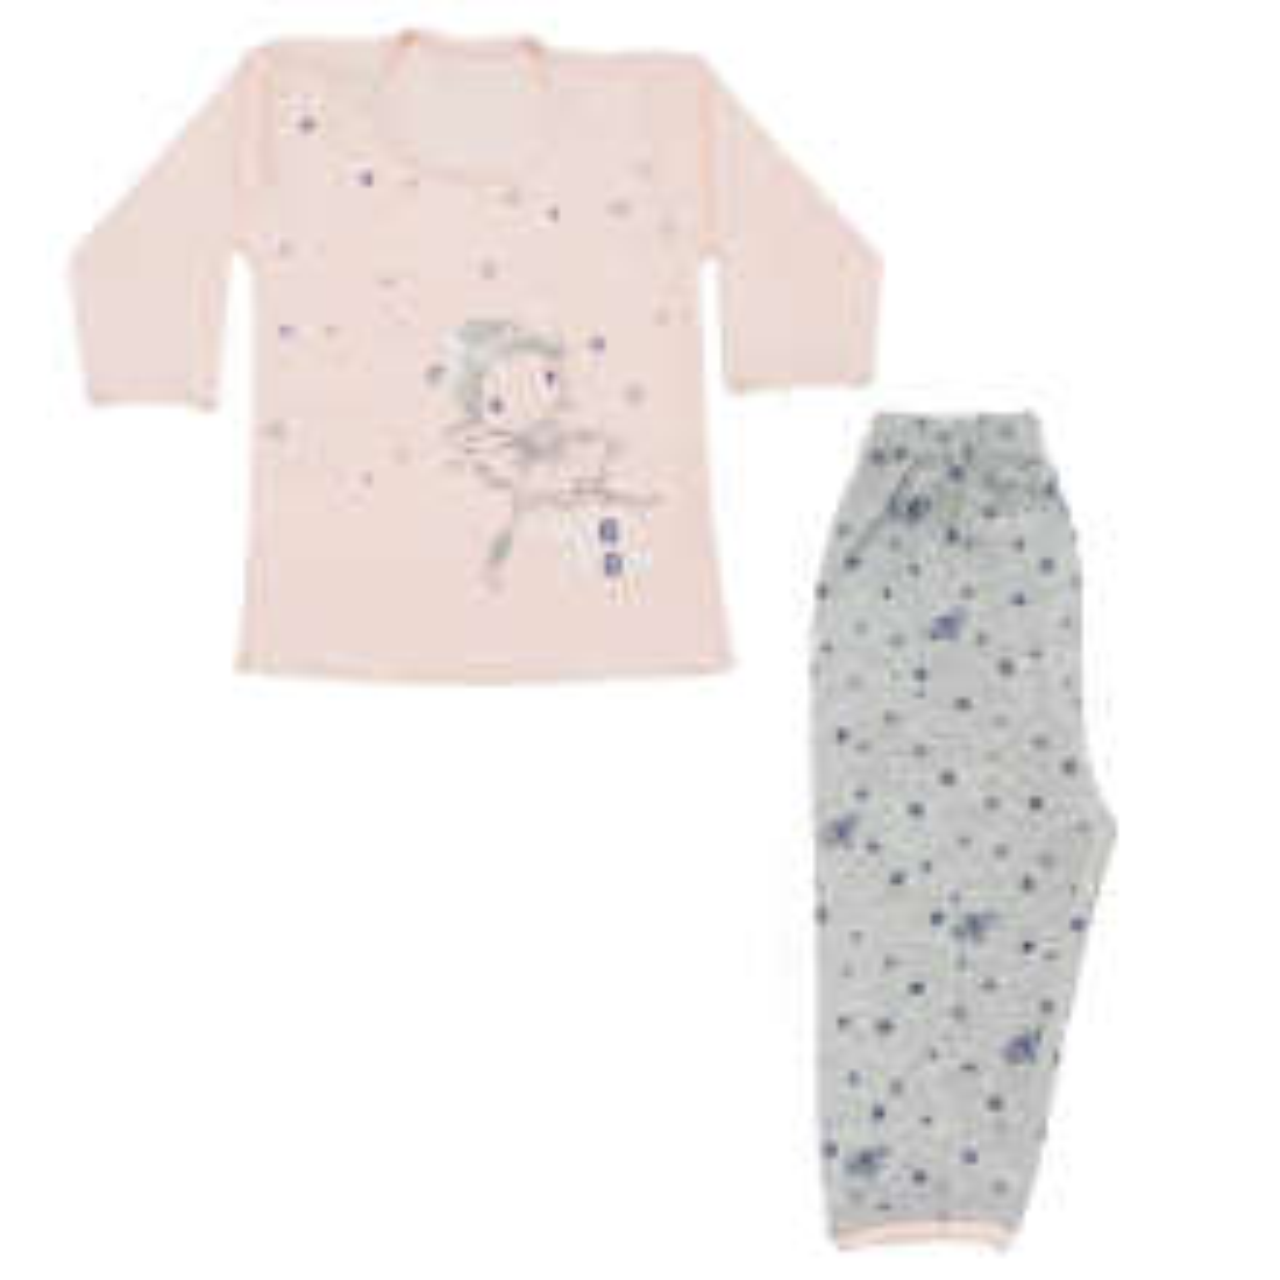 ست لباس نوزادی طرح ستاره